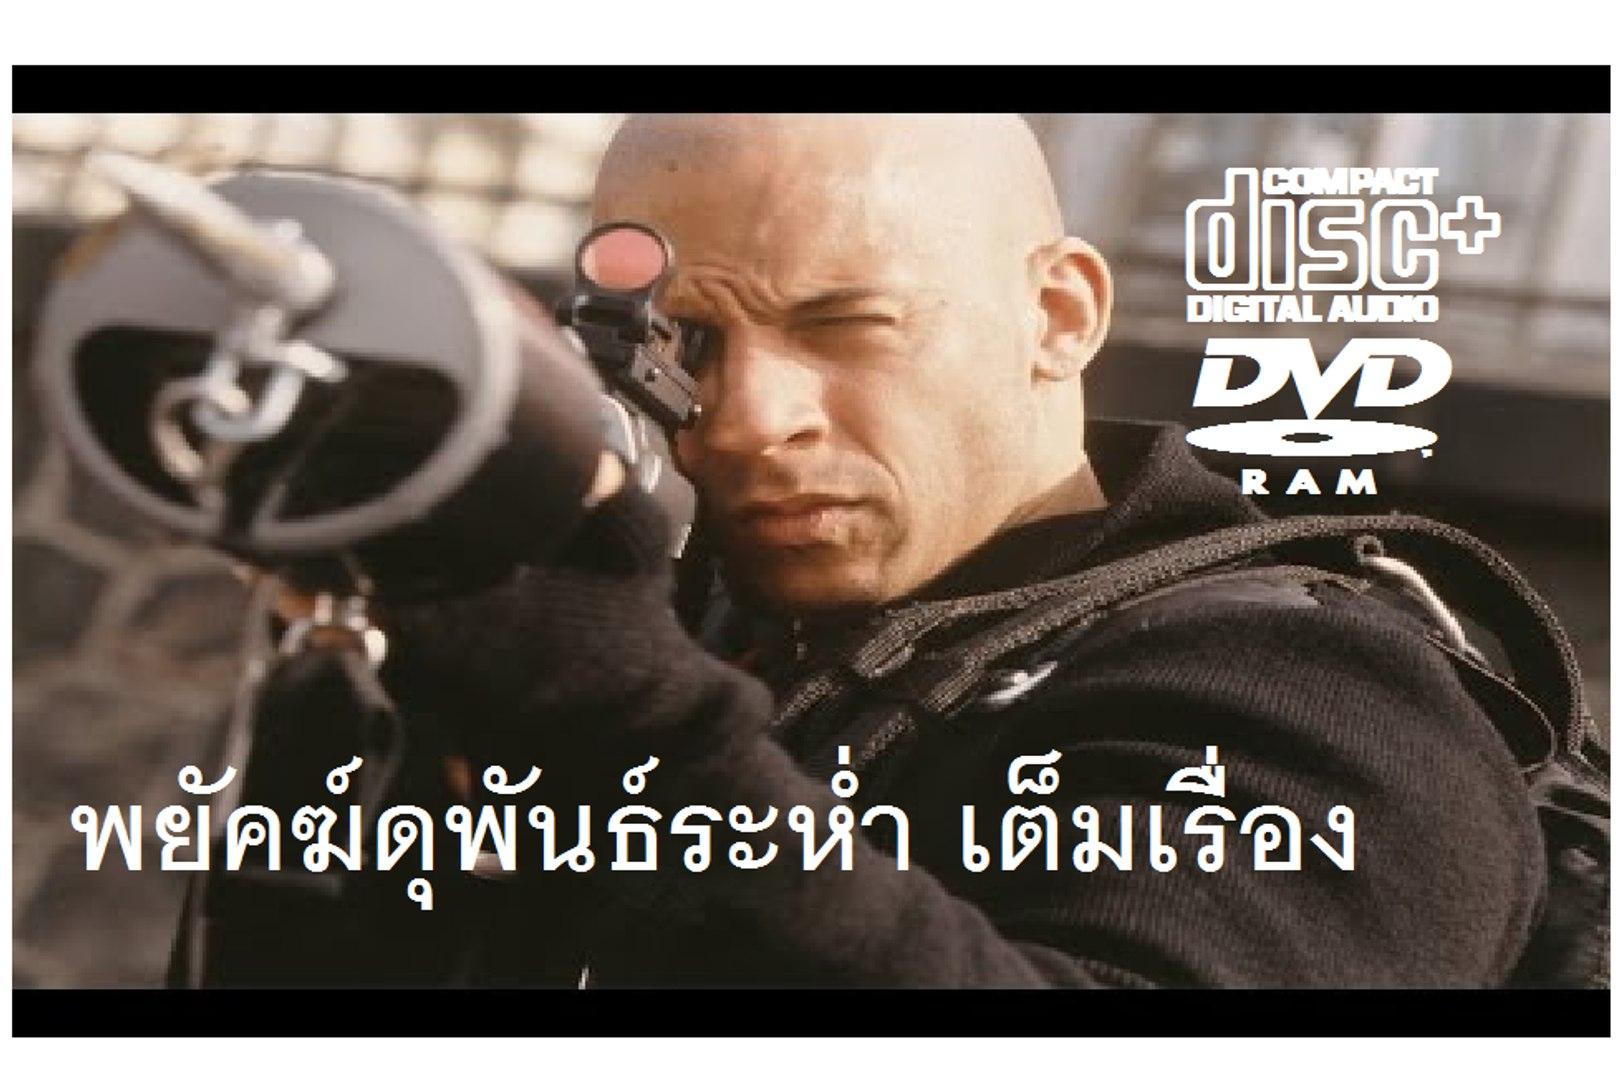 หนังใหม่ พยัคฆ์ดุพันธุ์ระห่ำ พากย์ไทยเต็มเรื่อง ep1